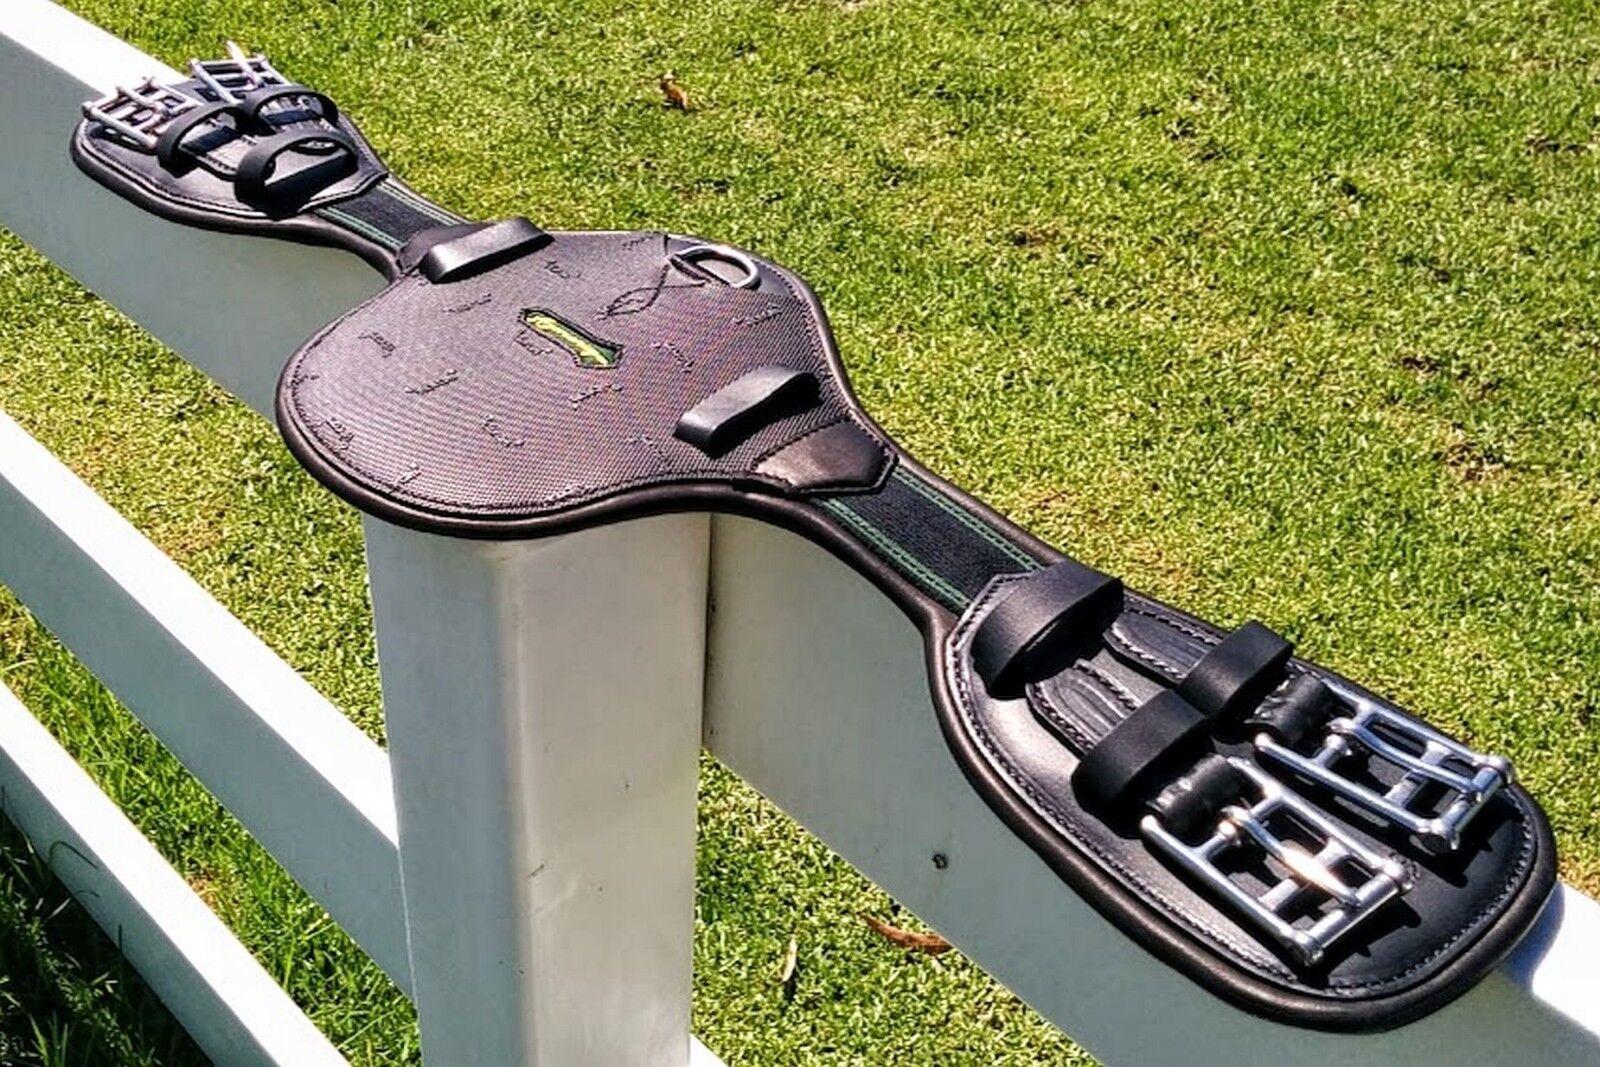 Amerigo Nuovo Stile Protezione sottopancia dressage maggiore comfort & & & performance di vendita  0cde4e